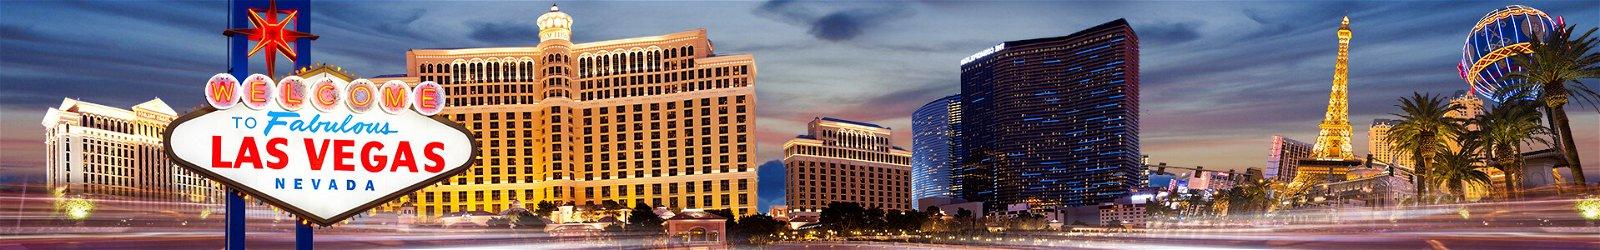 Viajes y paquetes a Las Vegas con salidas en Septiembre desde México 2021